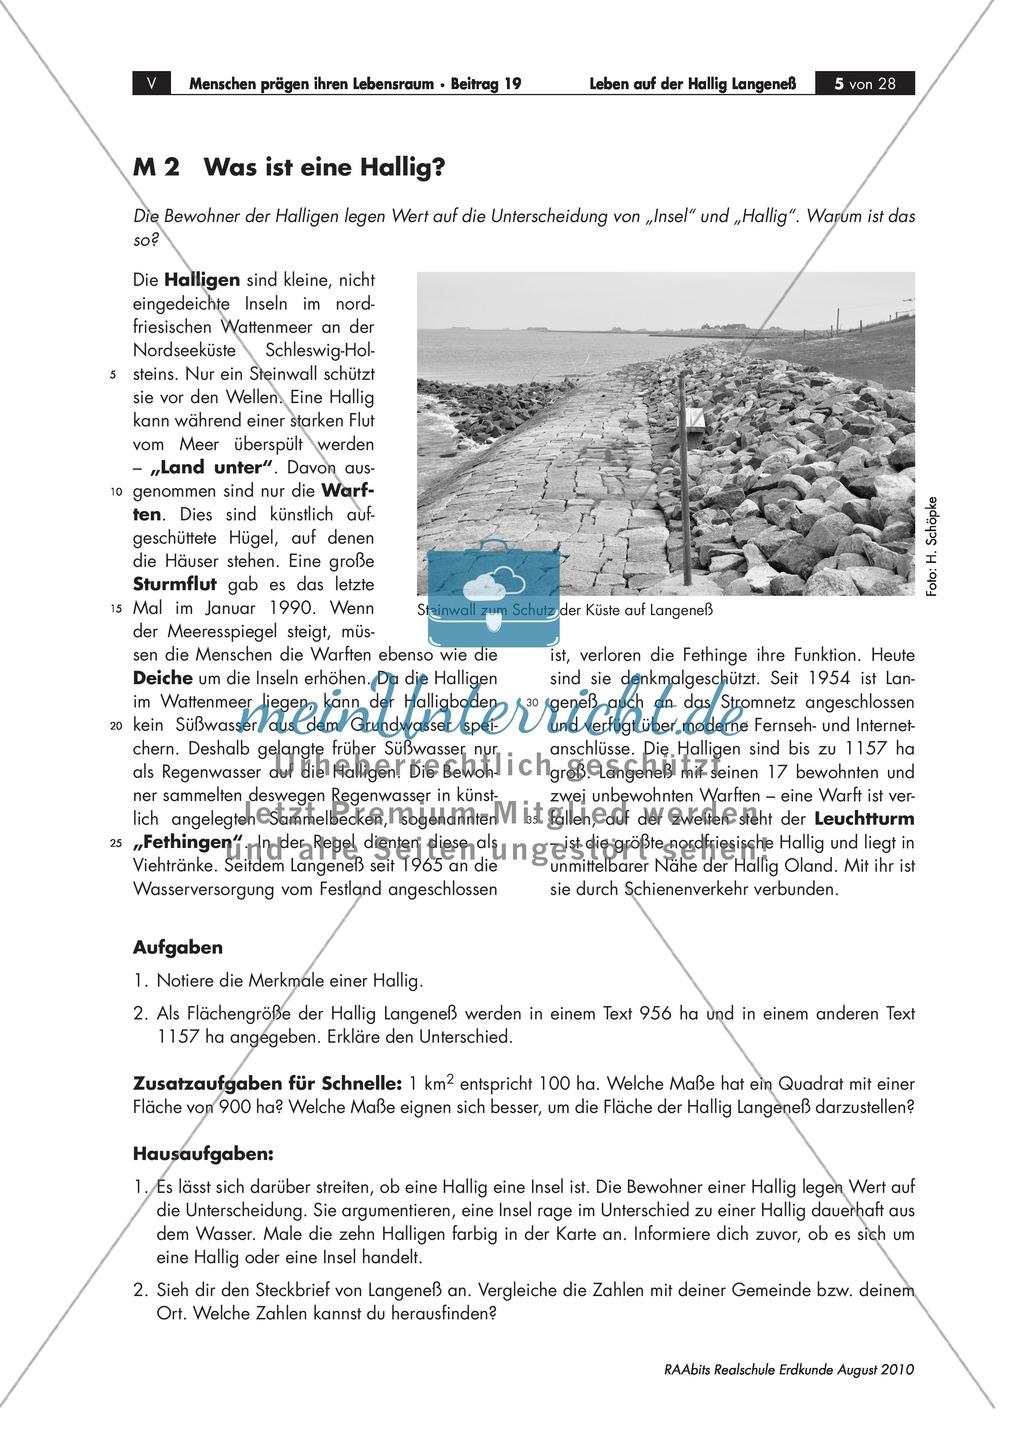 Die Hallig Langeneß: Orientierung und Anreise + allgemeine Merkmale von Halligen Preview 1